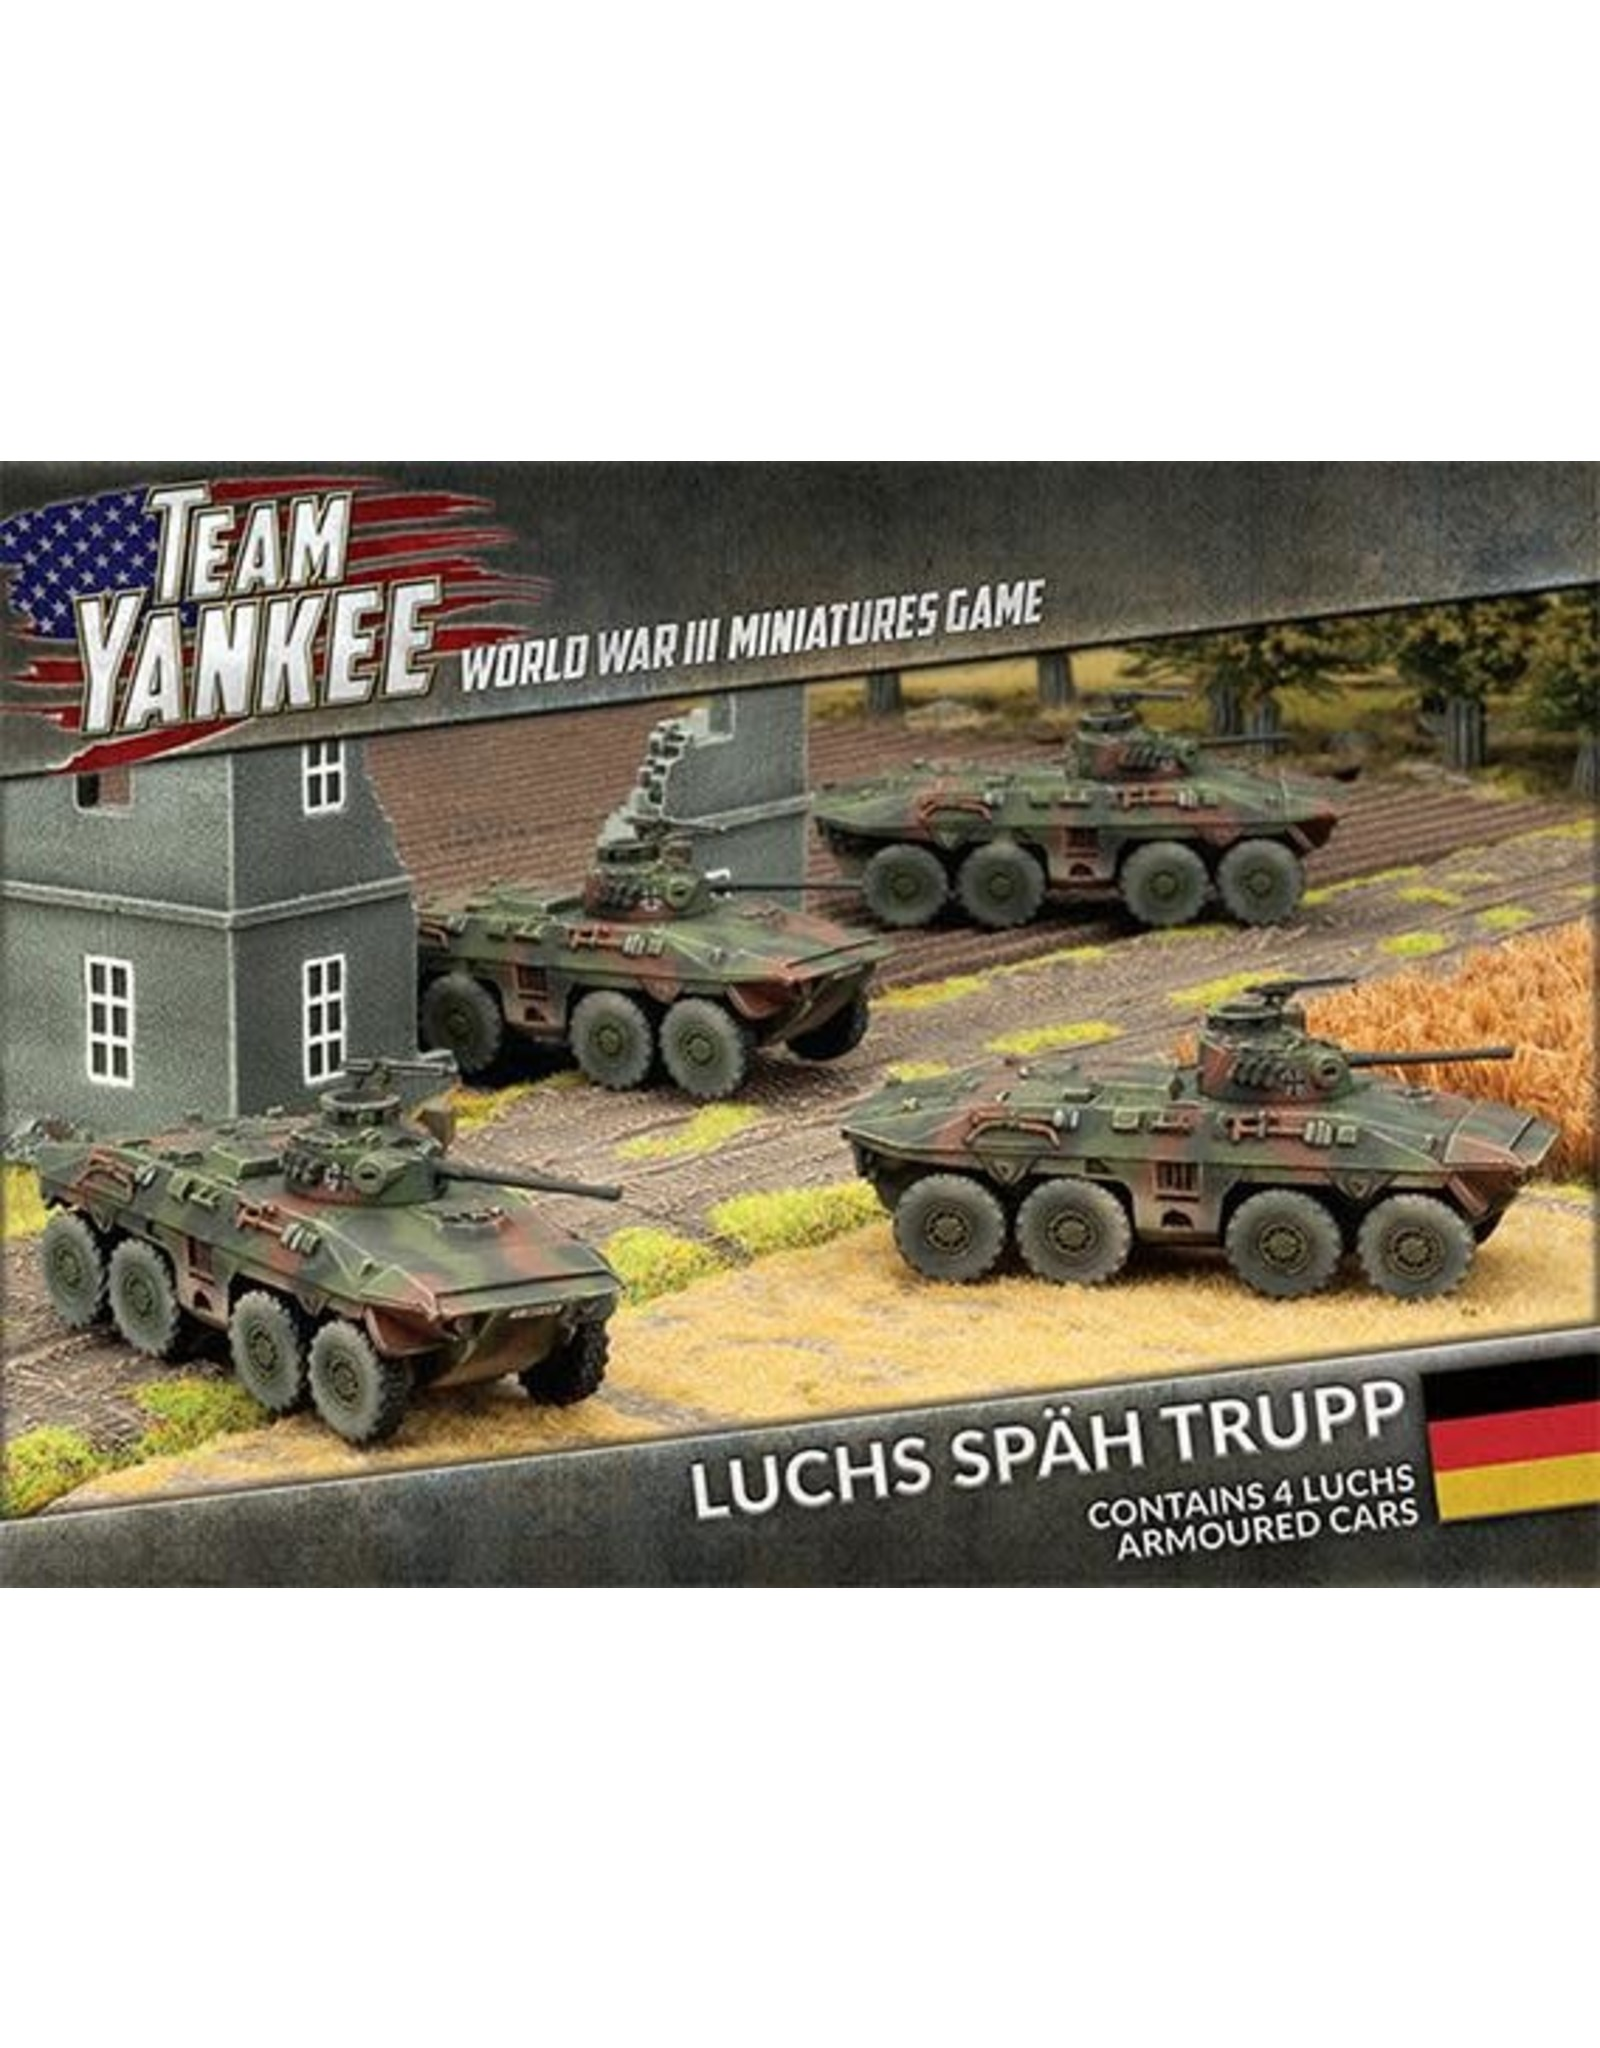 Battlefront Miniatures Team Yankee: Luchs Spah Trupp